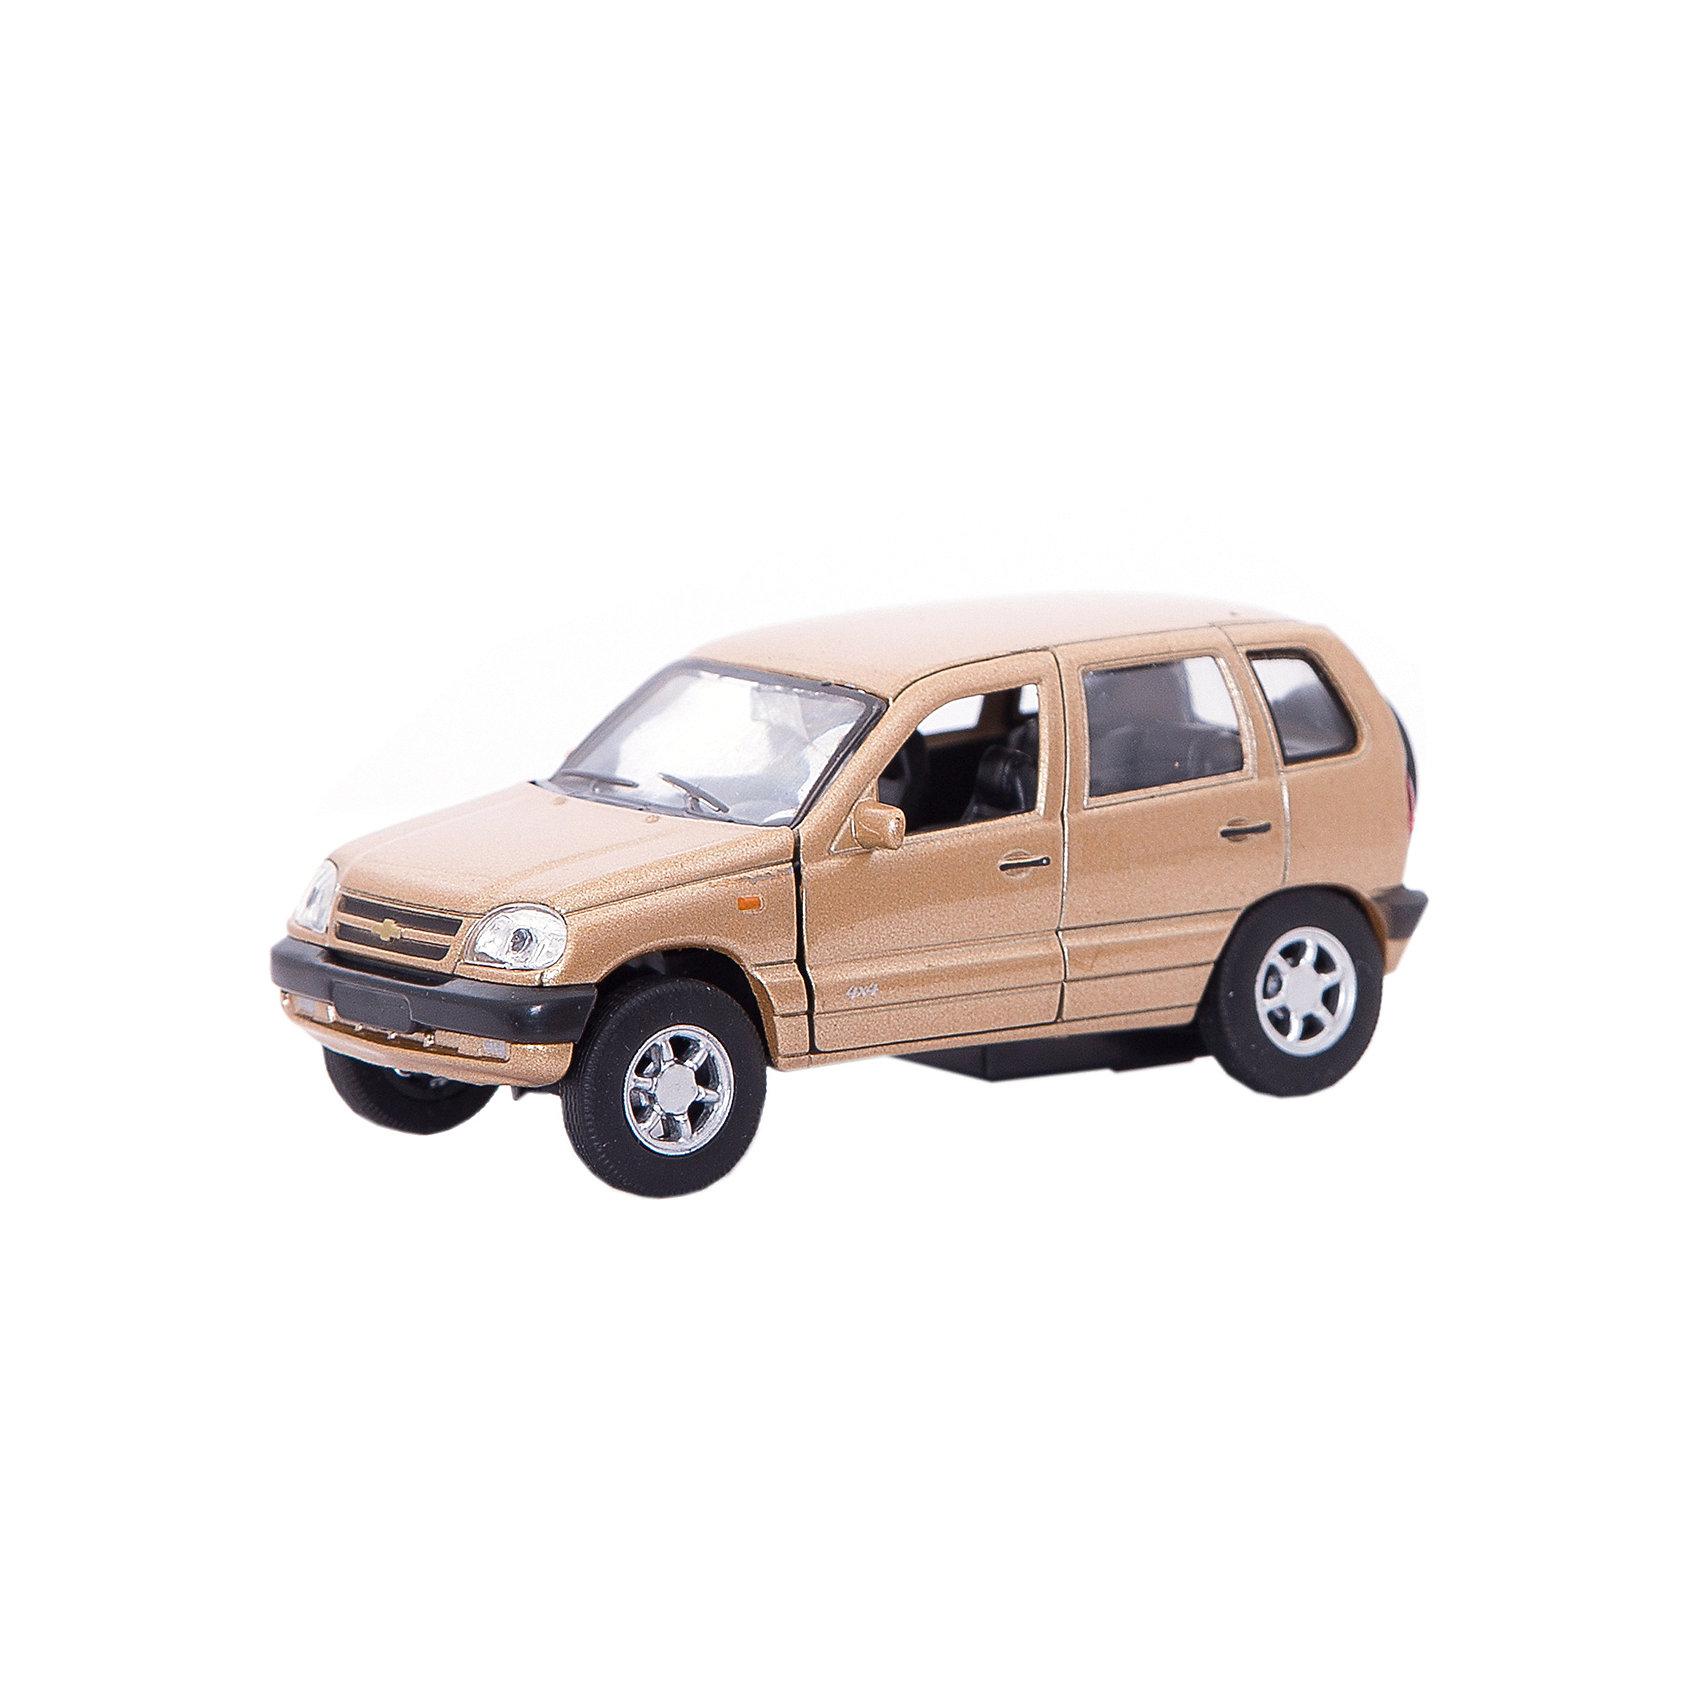 Модель машины 1:34-39 Chevrolet Niva, WellyКоллекционные модели<br>Коллекционная модель машины  масштаба 1:34-39 Chevrolet Niva. Функции: открываются передние двери, инерционный механизм.<br>Цвет кузова автомобиля представлен в ассортименте. Выбрать определенный цвет заранее не представляется возможным.<br><br>Ширина мм: 60<br>Глубина мм: 110<br>Высота мм: 150<br>Вес г: 165<br>Возраст от месяцев: 36<br>Возраст до месяцев: 192<br>Пол: Мужской<br>Возраст: Детский<br>SKU: 4966507